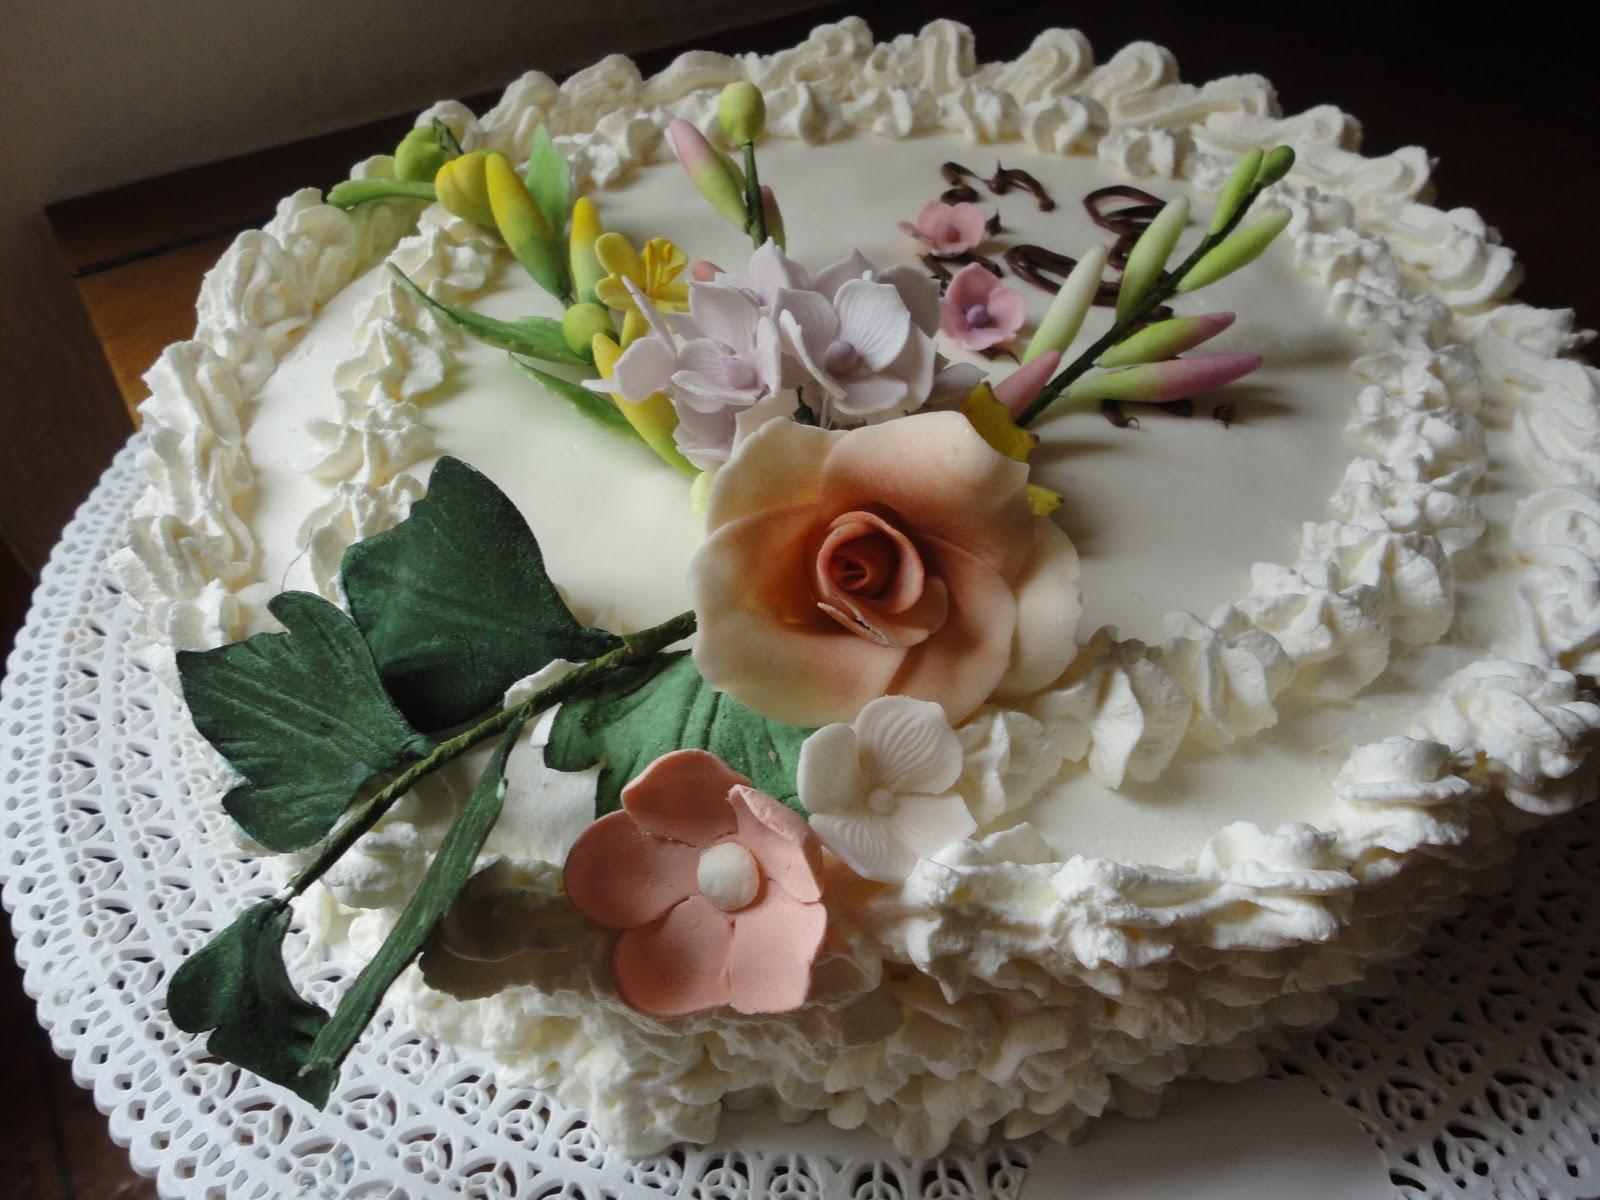 Fior di zucchero by lorella magni le torte decorare con for Pasta di zucchero decorazioni